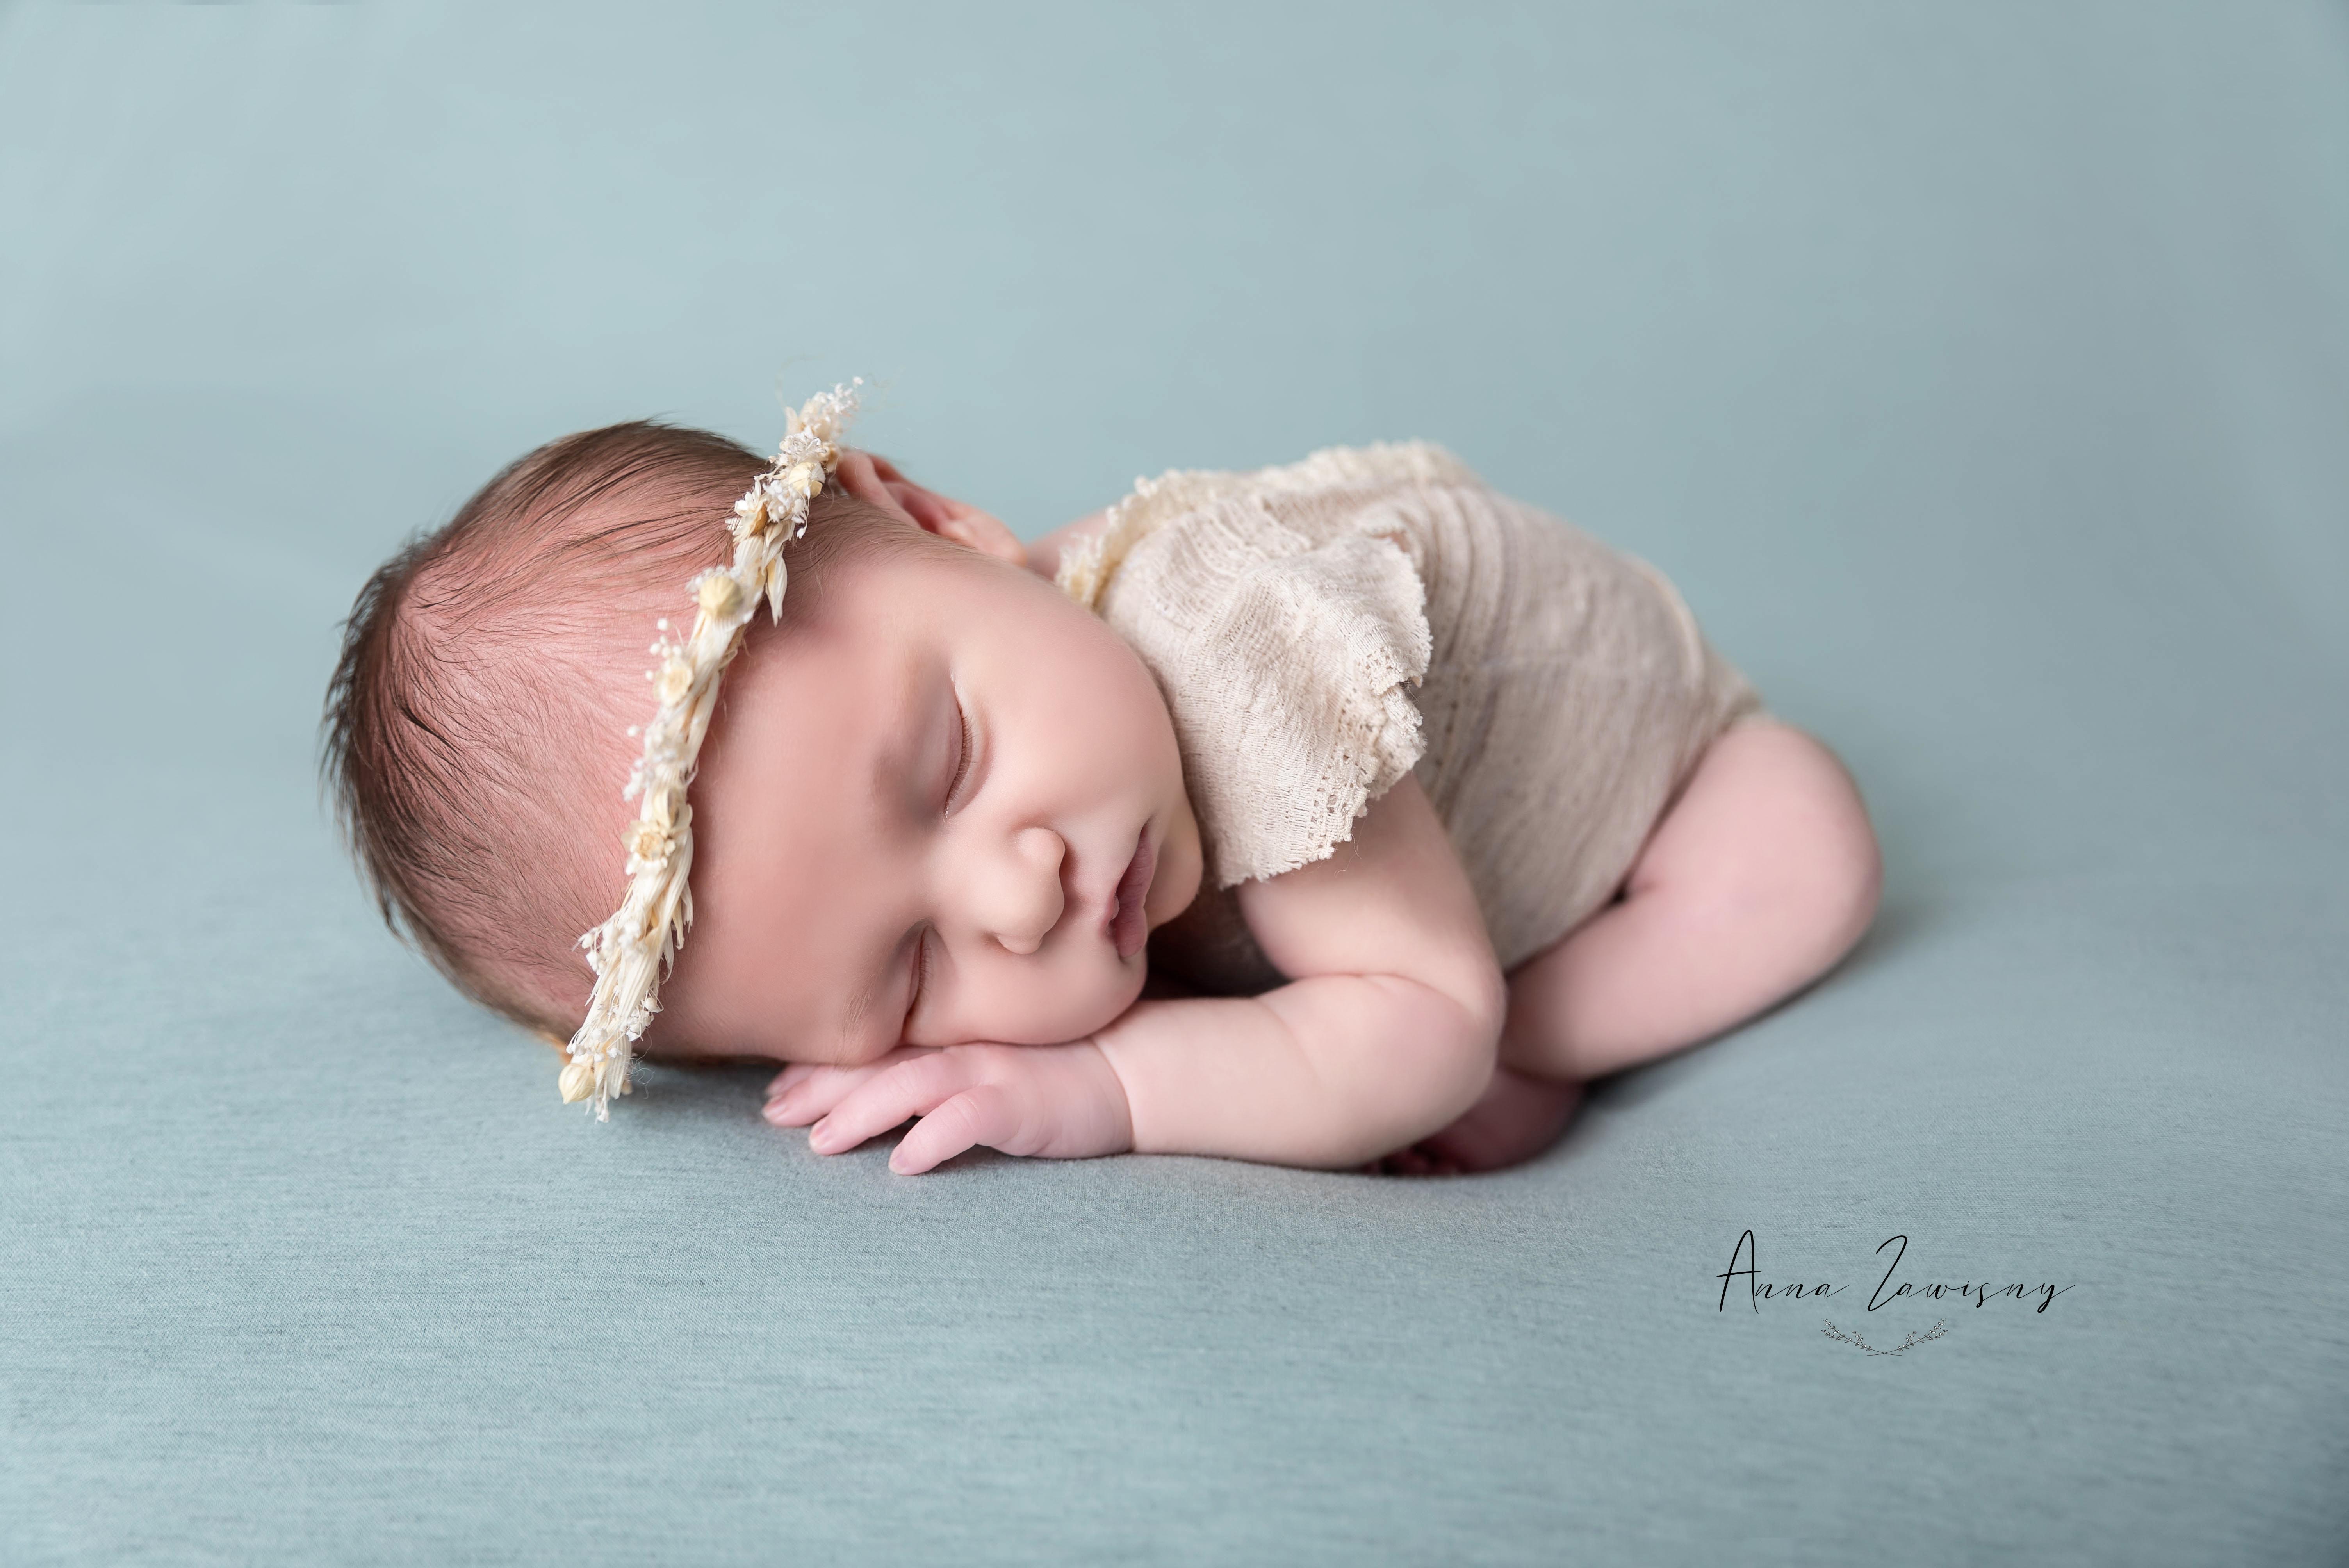 Photographe oise seine et marne aisne grossesse bébé nouveau né famille (7)-min